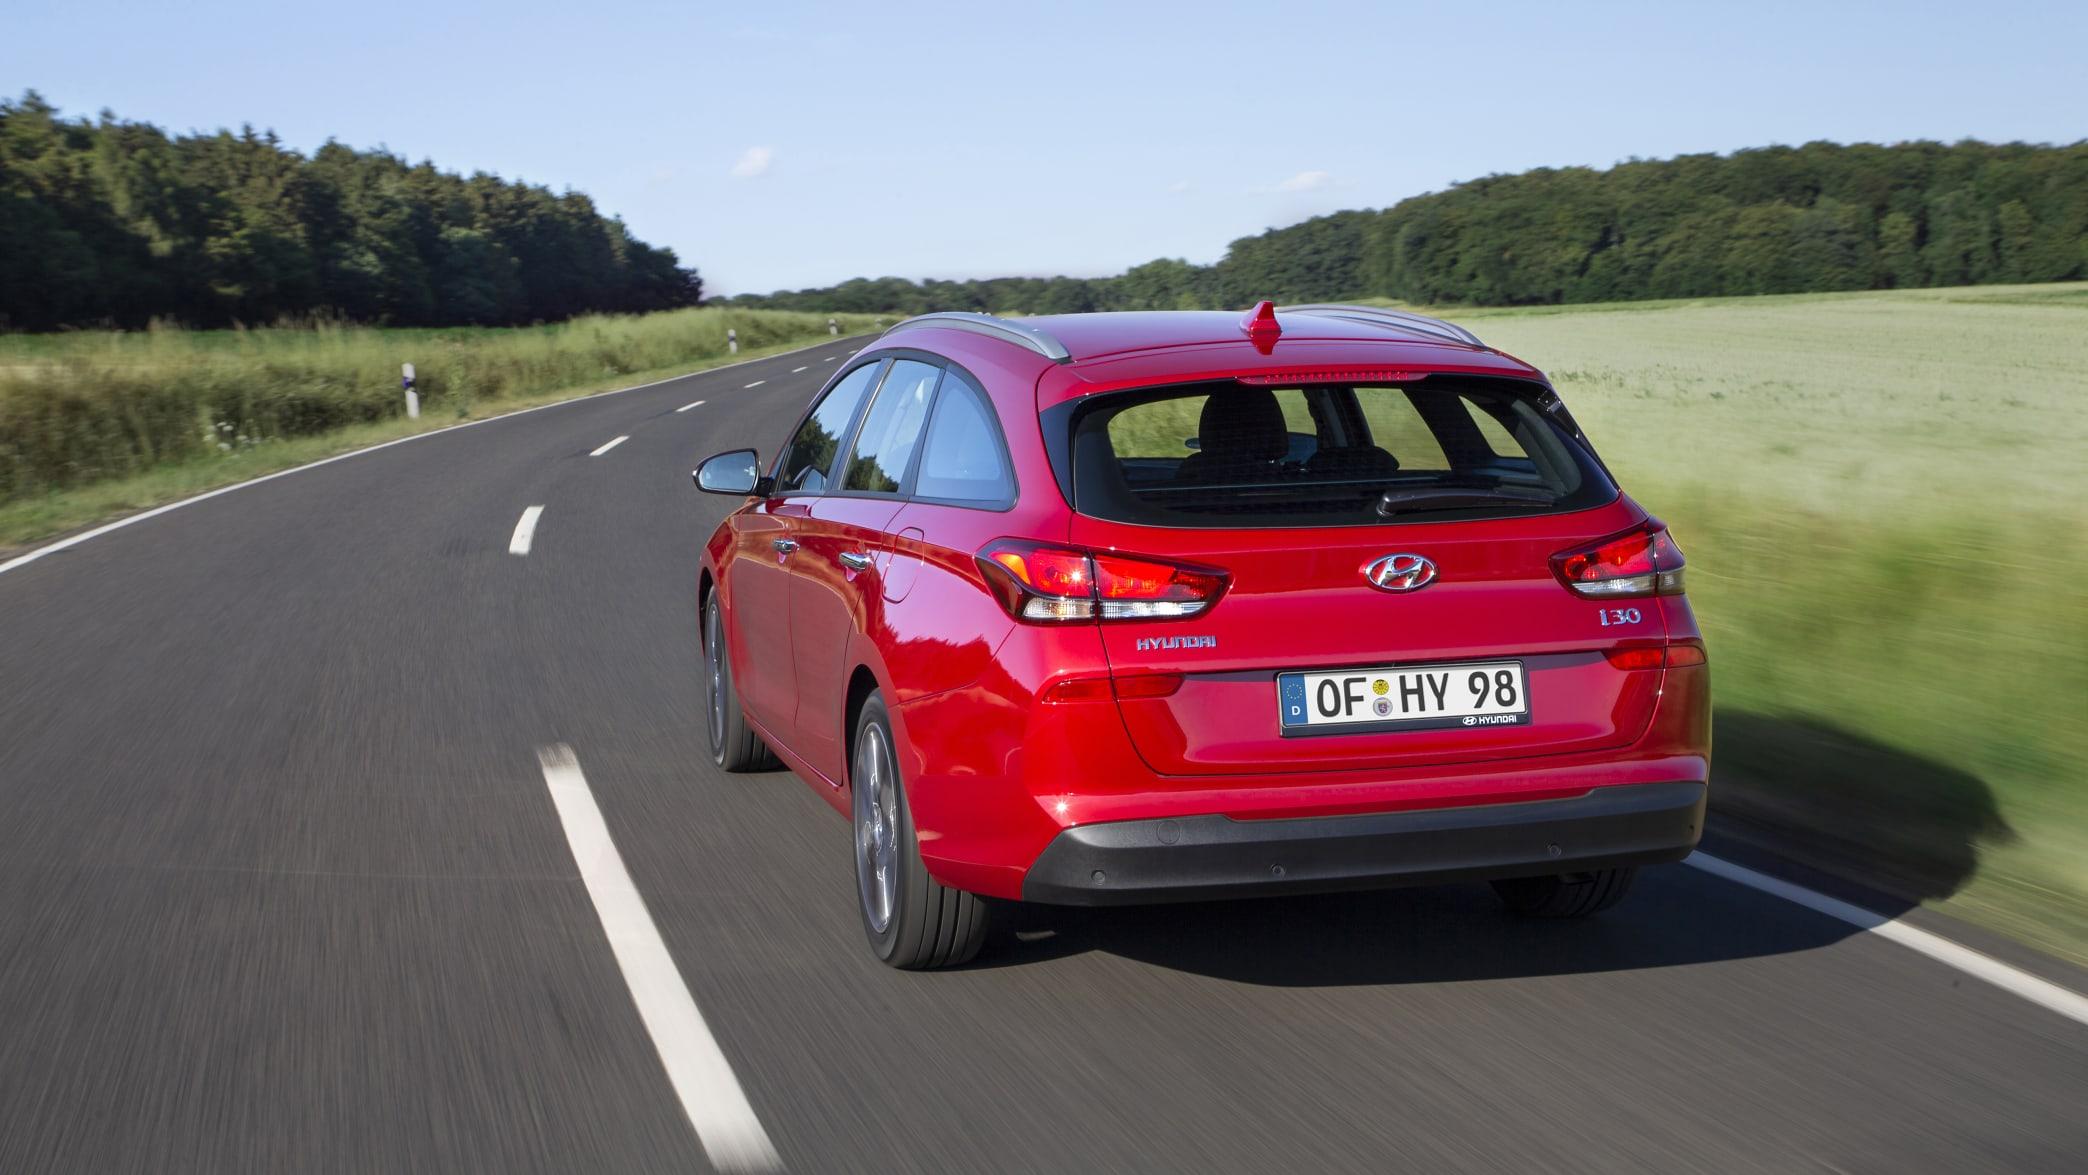 roter Hyundai i30 fährt auf der Landstrasse und zeigt sich von hinten